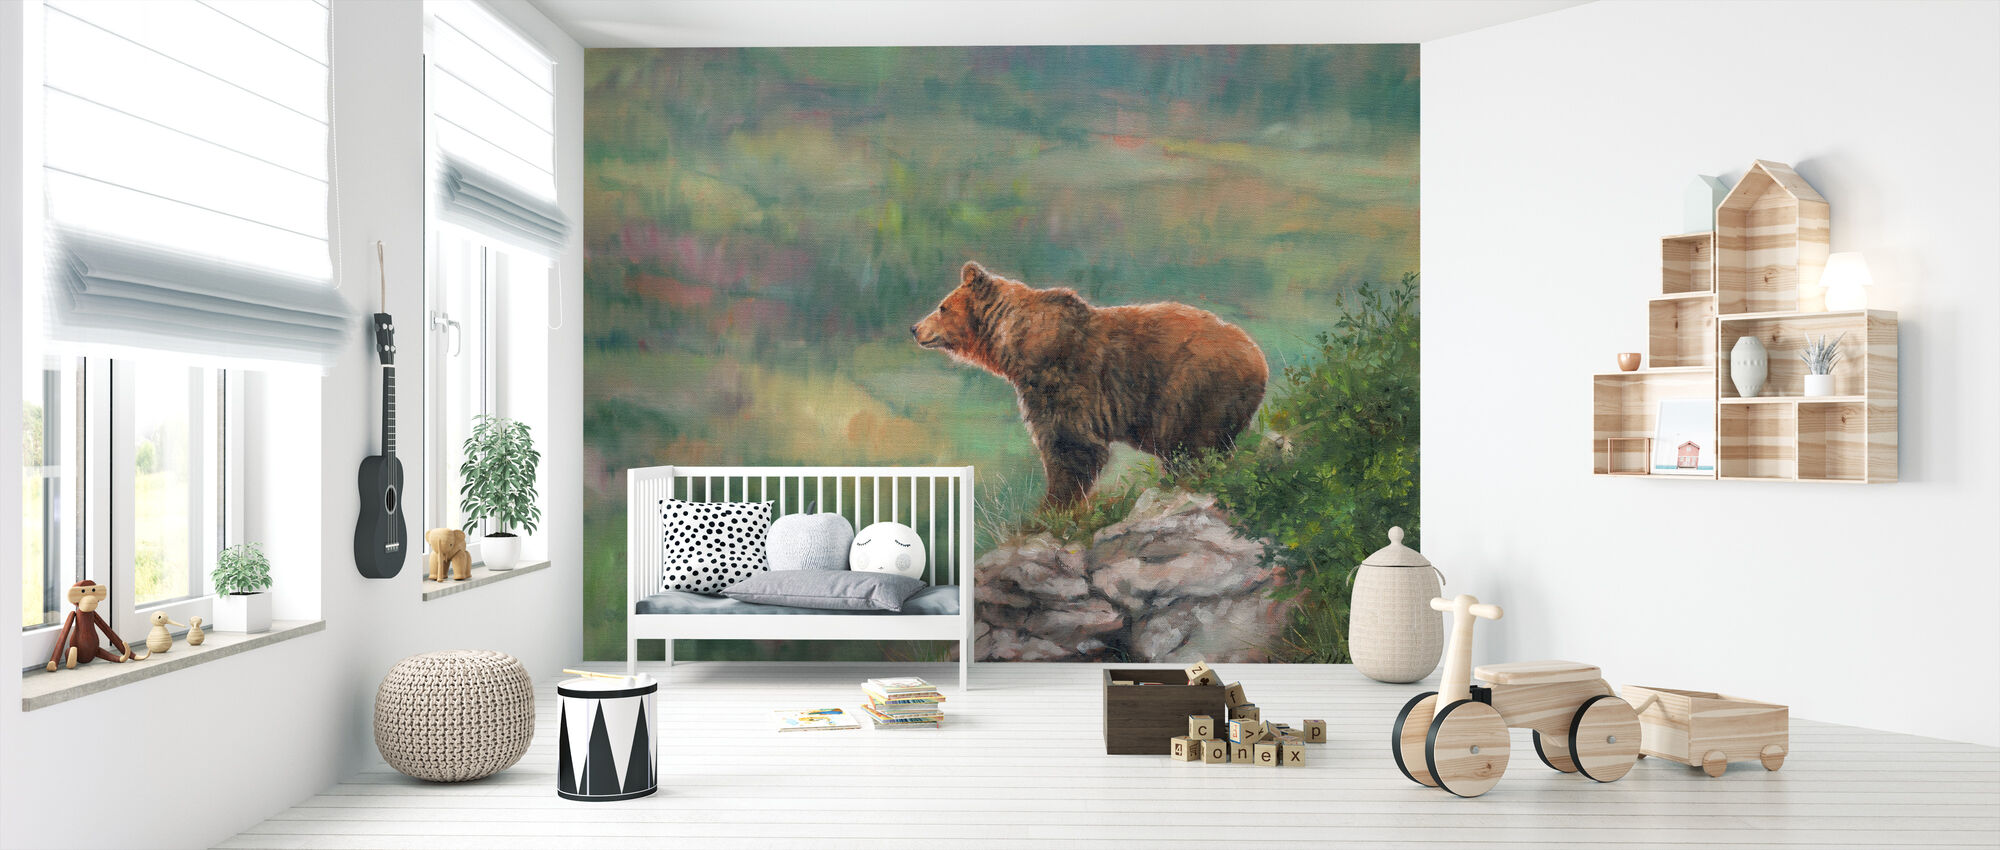 Euroopan ruskea Karhu - Tapetti - Vauvan huone